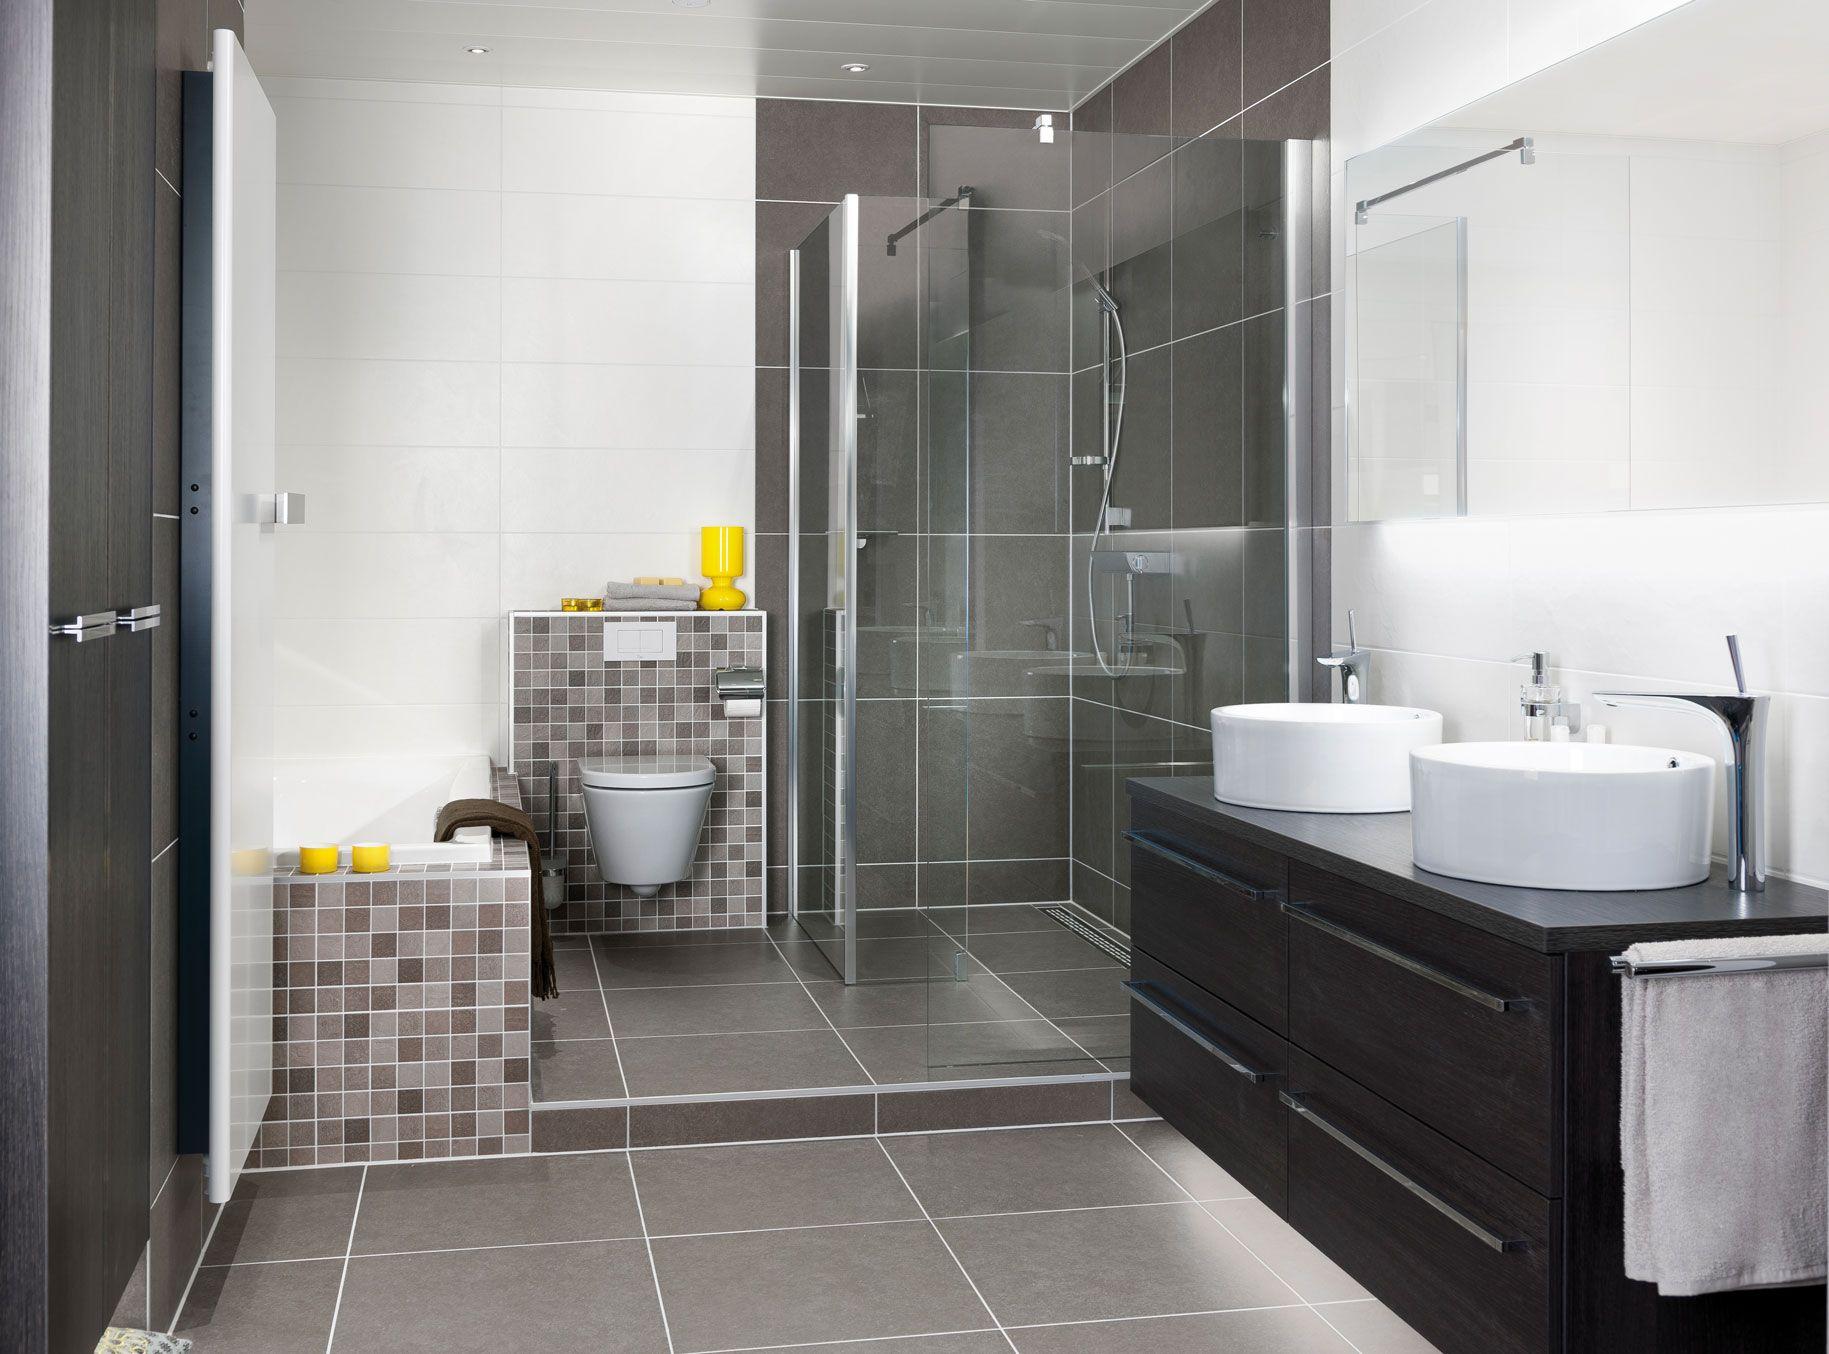 Tegeltjes rondom bad vind ik wel een bien idee k tbadkamer pinterest wastafels kranen en luxe - Betegelde ensuite marmeren badkamers ...